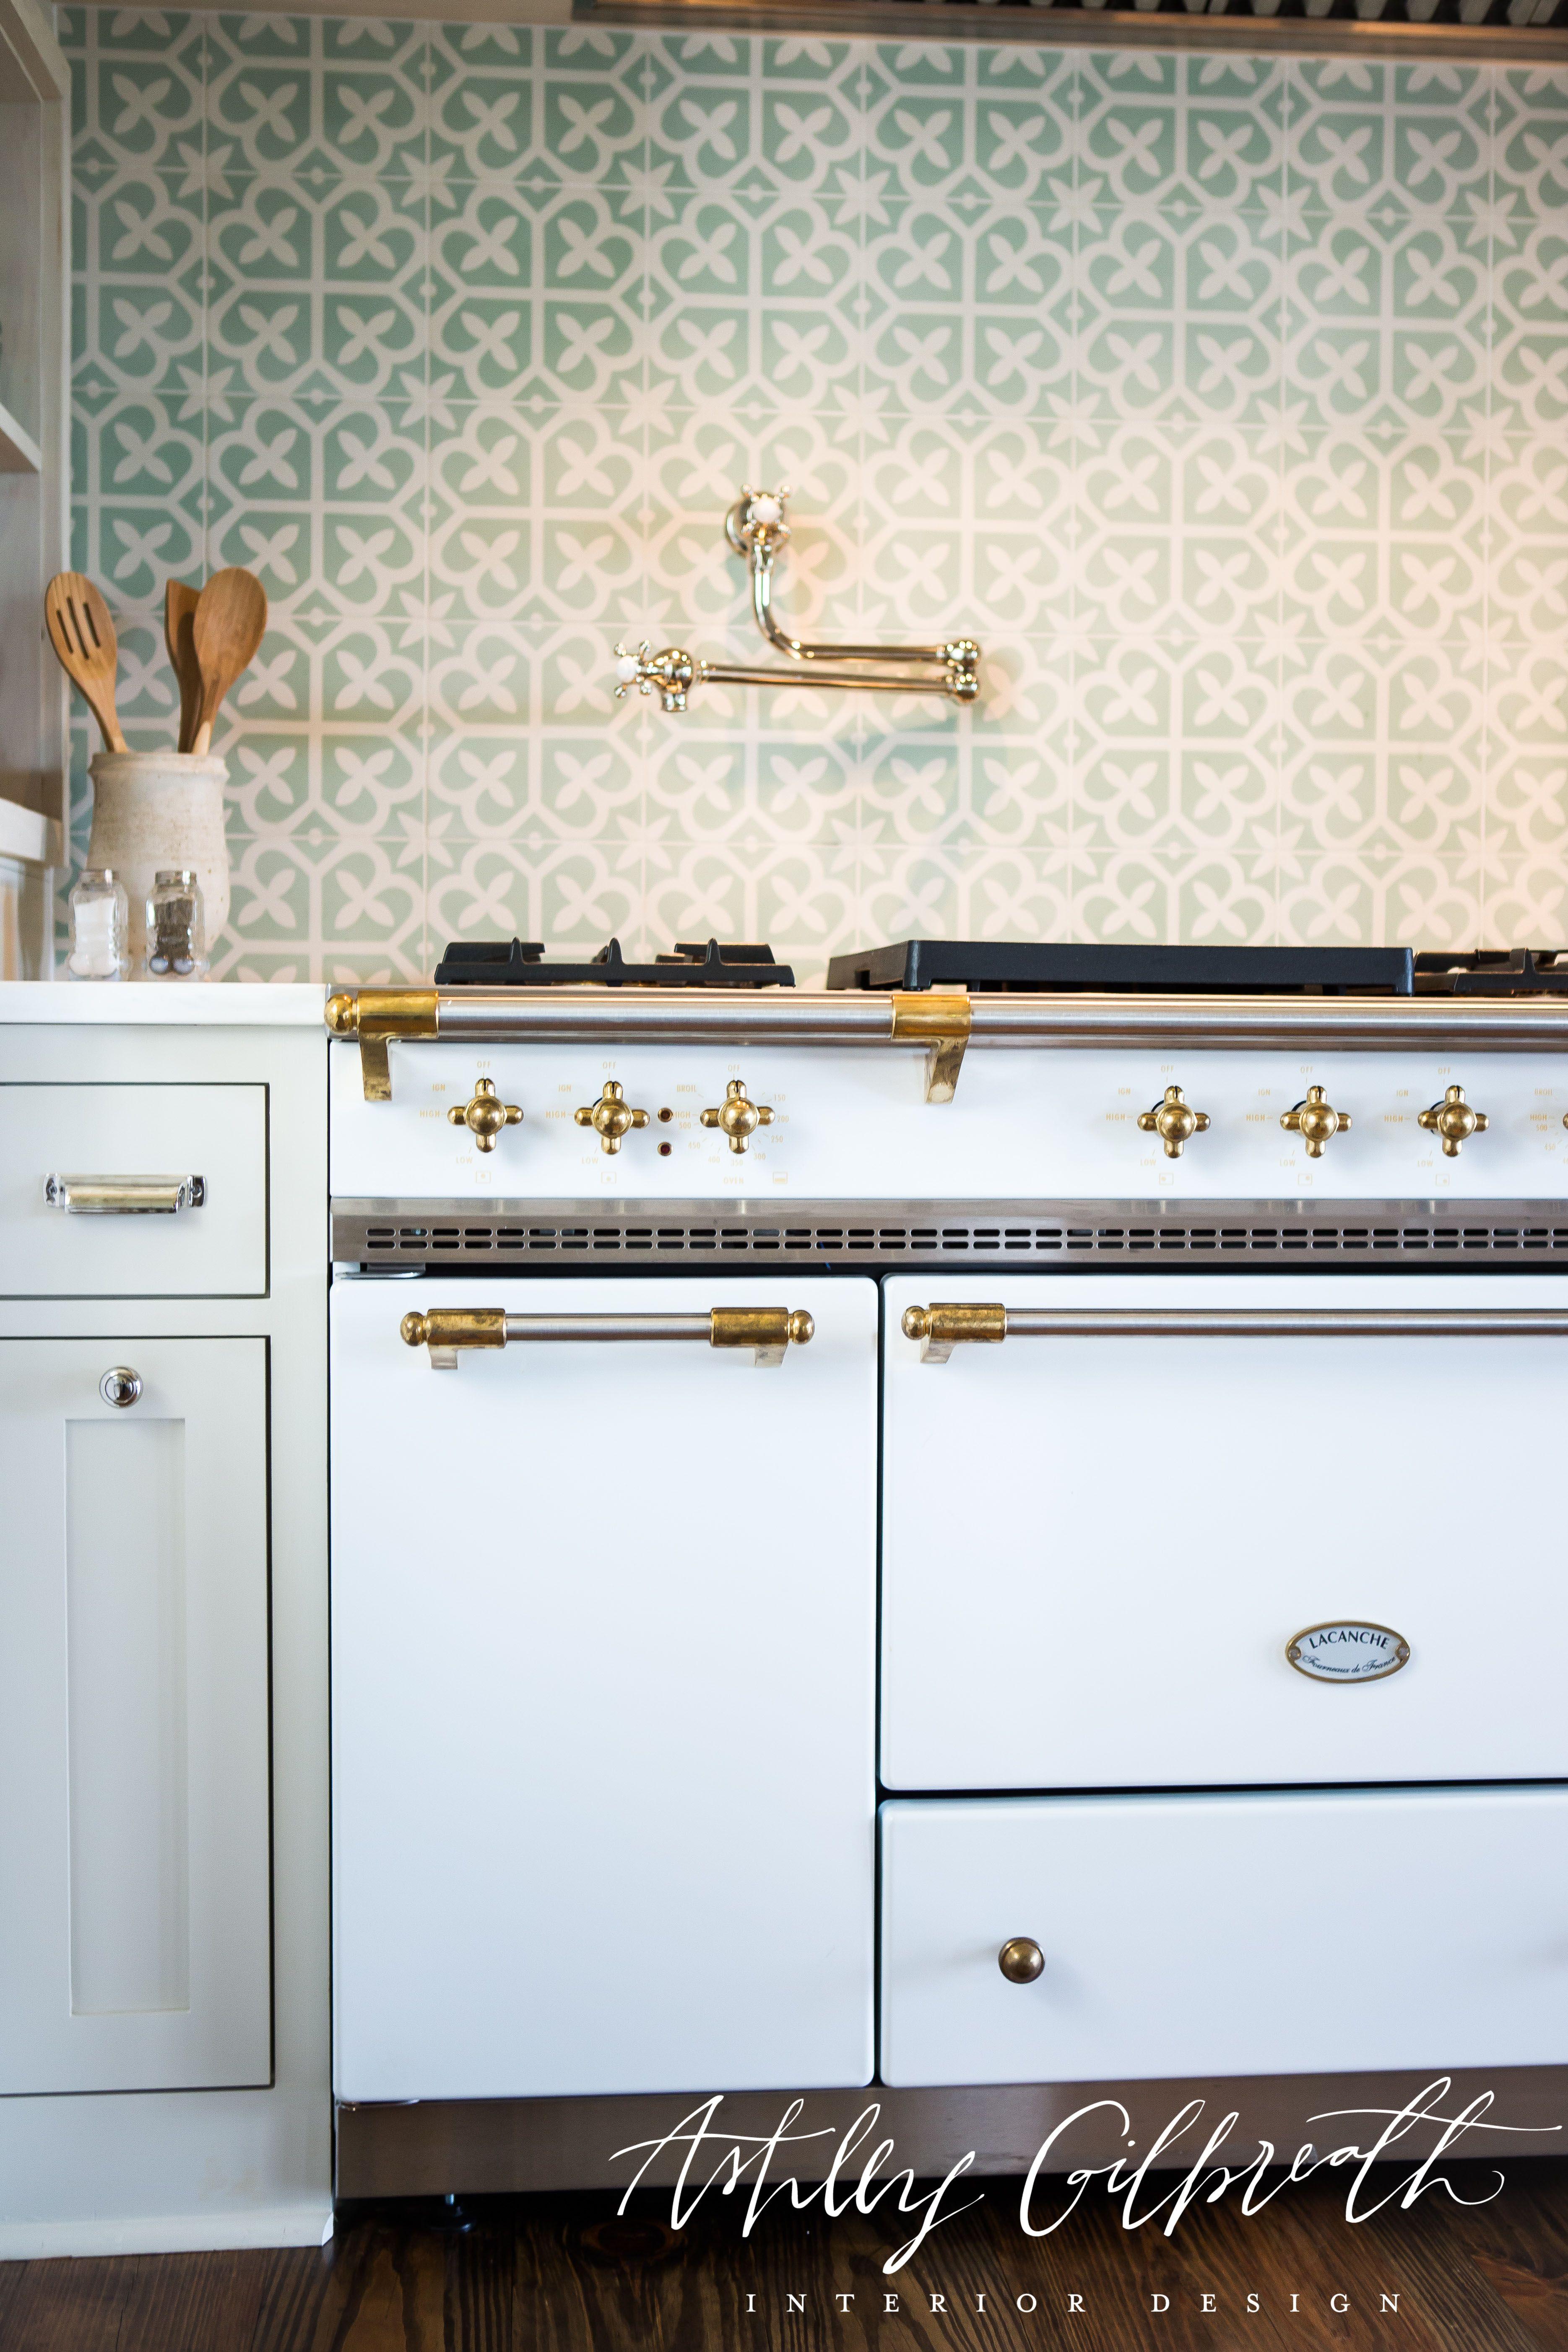 Fantastisch Französisch Bauernküche Bilder Ideen - Ideen Für Die ...